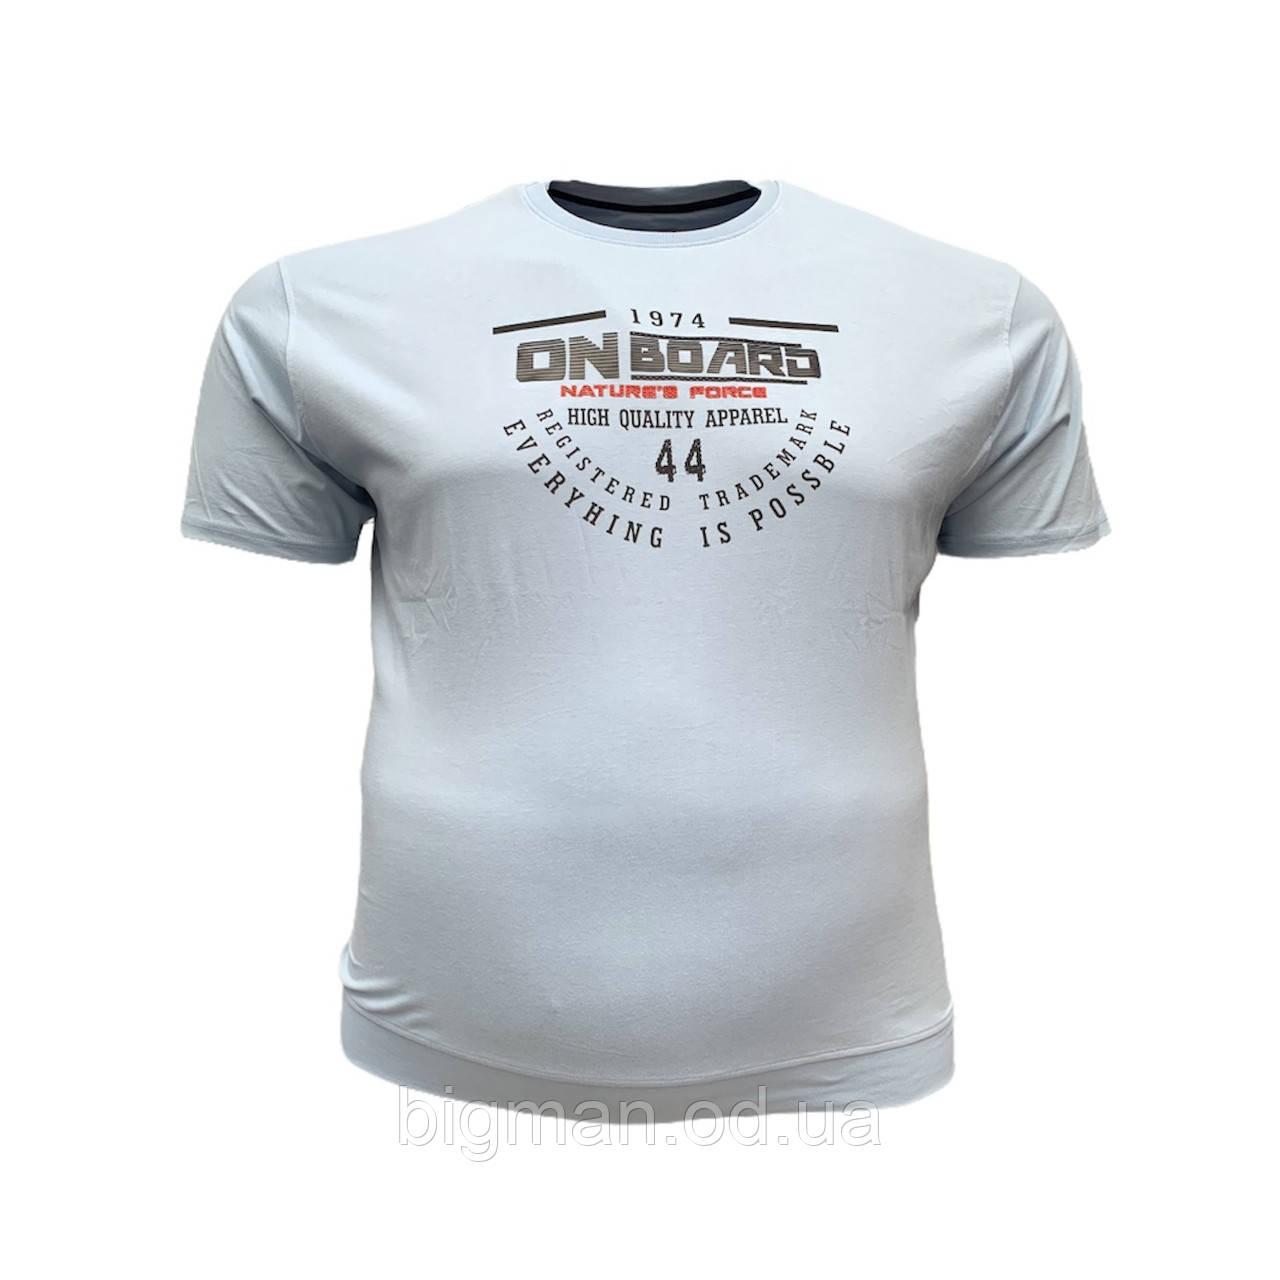 Чоловіча батальна футболка на резинці PoloPepe 12105 3XL 4XL 5XL 6XL блакитна великі розміри Туреччина